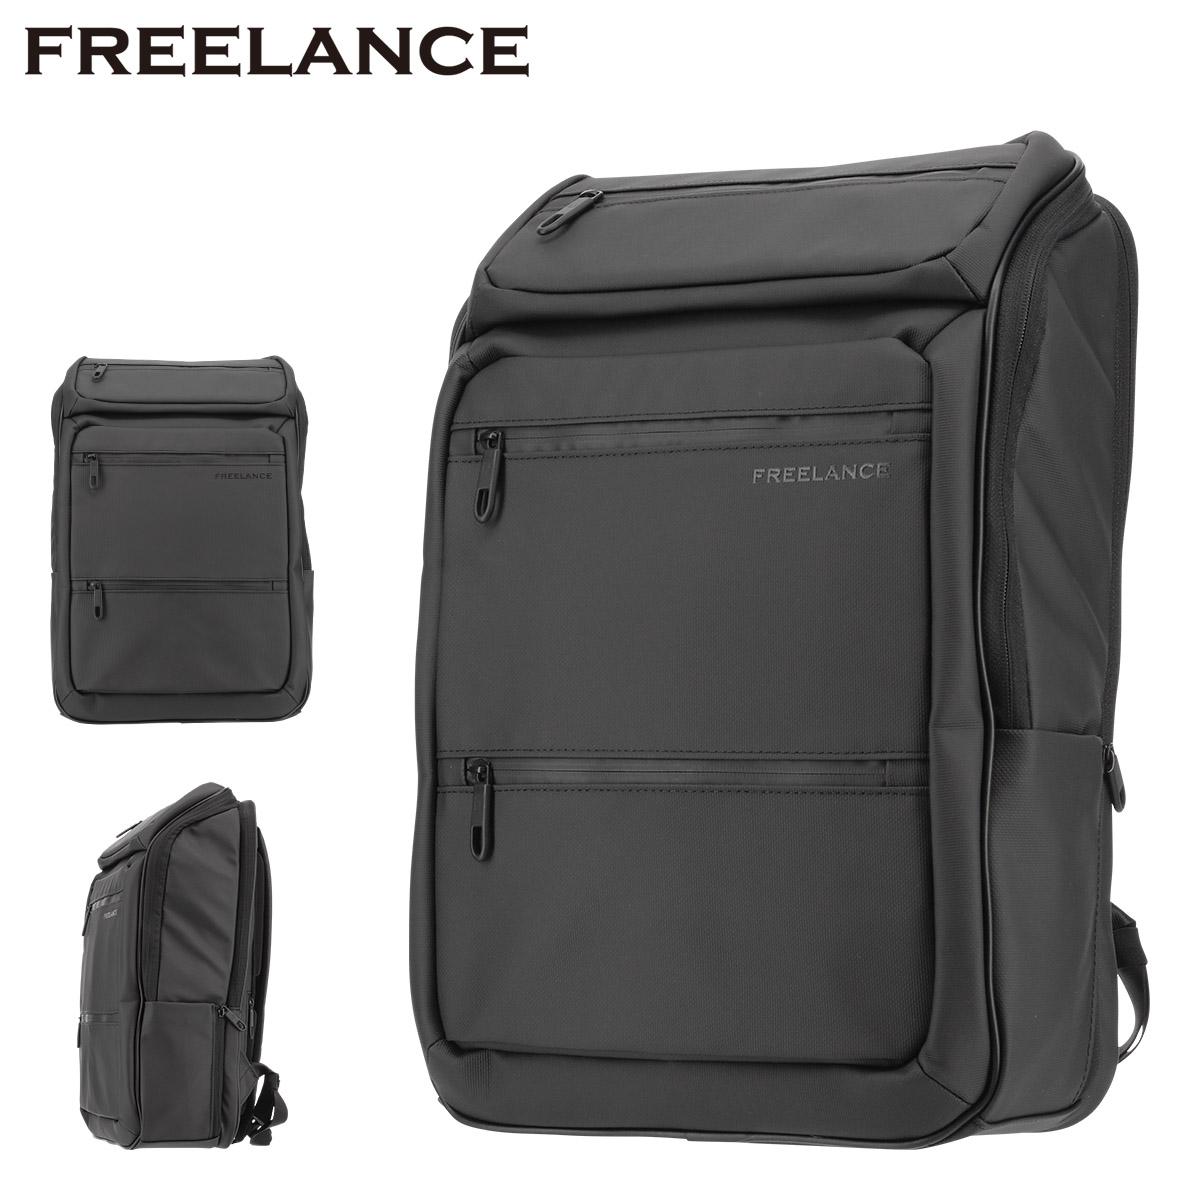 フリーランス リュック メンズ fl-107 FREELANCE | ビジネスバッグ ビジネスリュック ナイロン[PO5][即日発送]